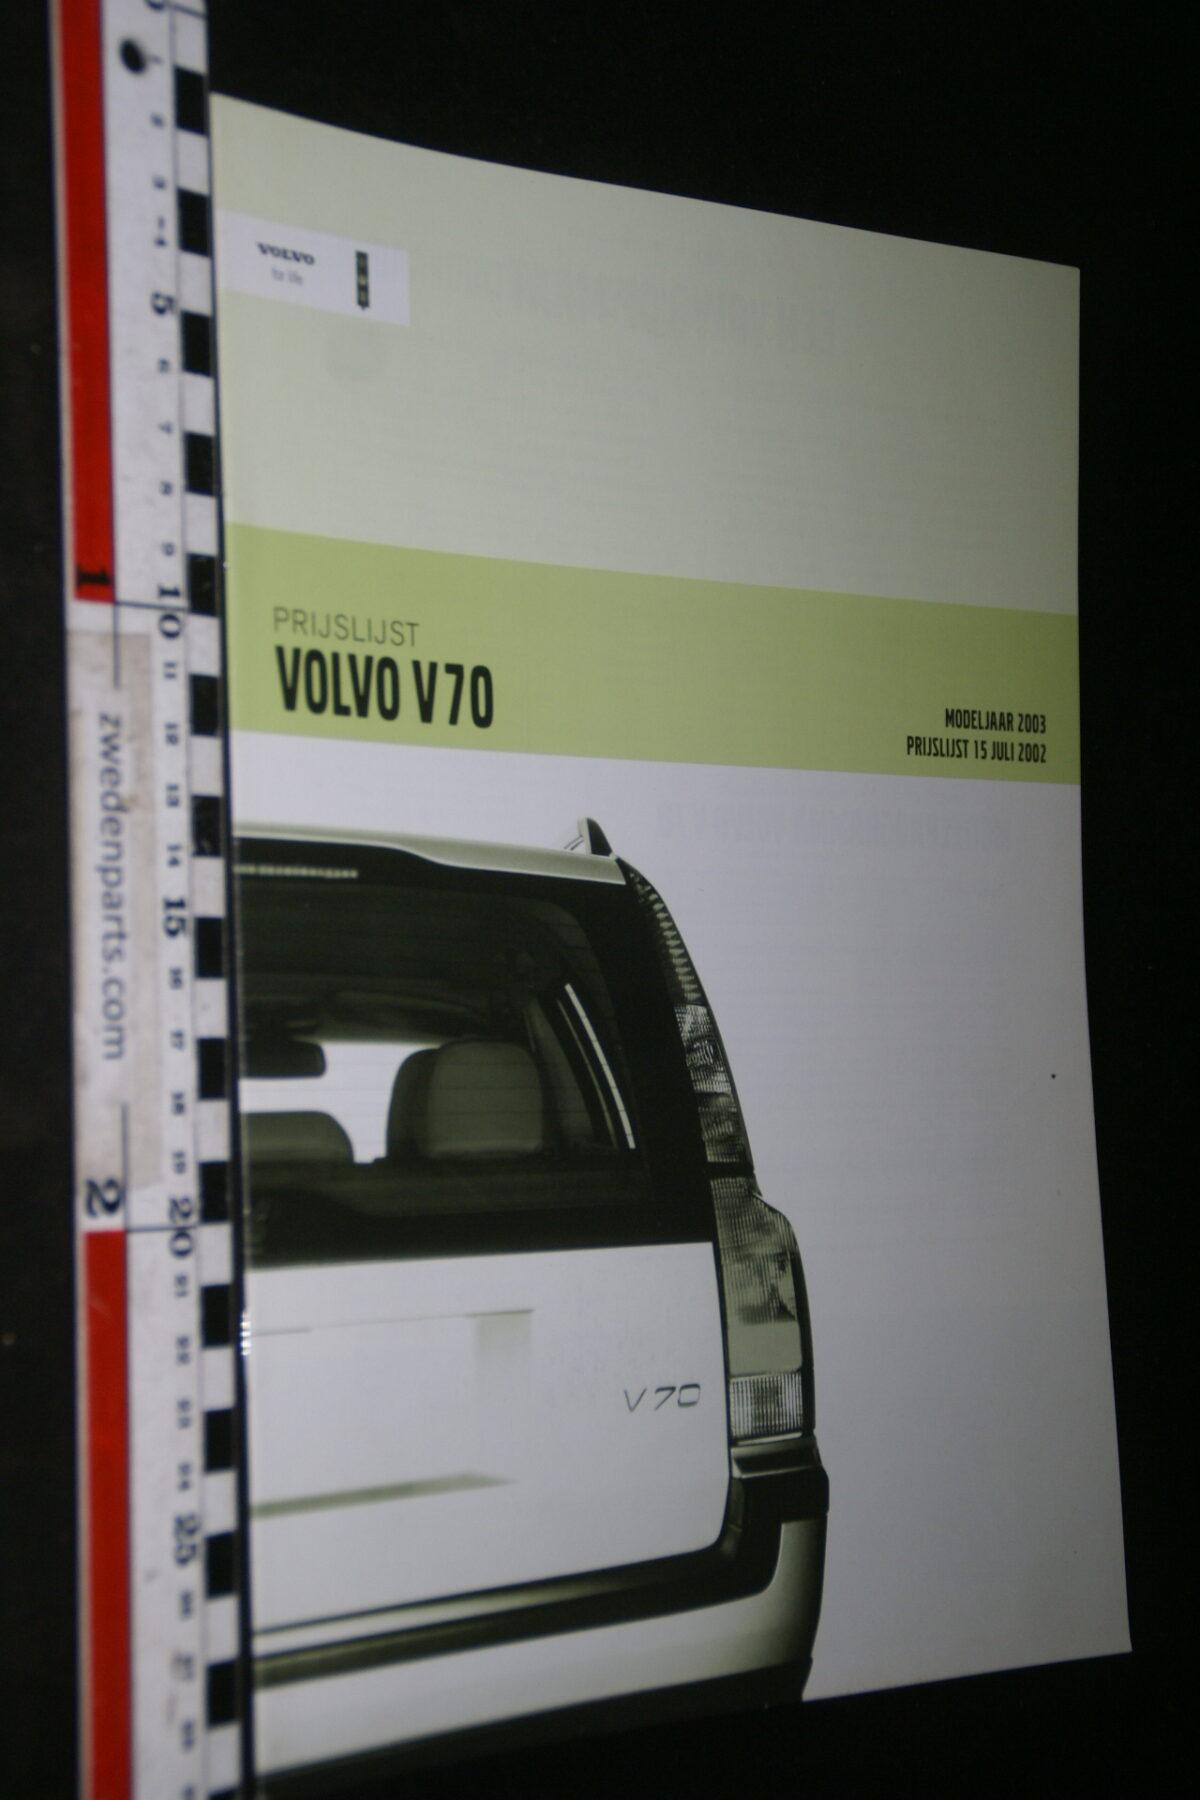 DSC05255 2003 originele brochure Volvo V70 nr V70-09-02-V2-79b5582a